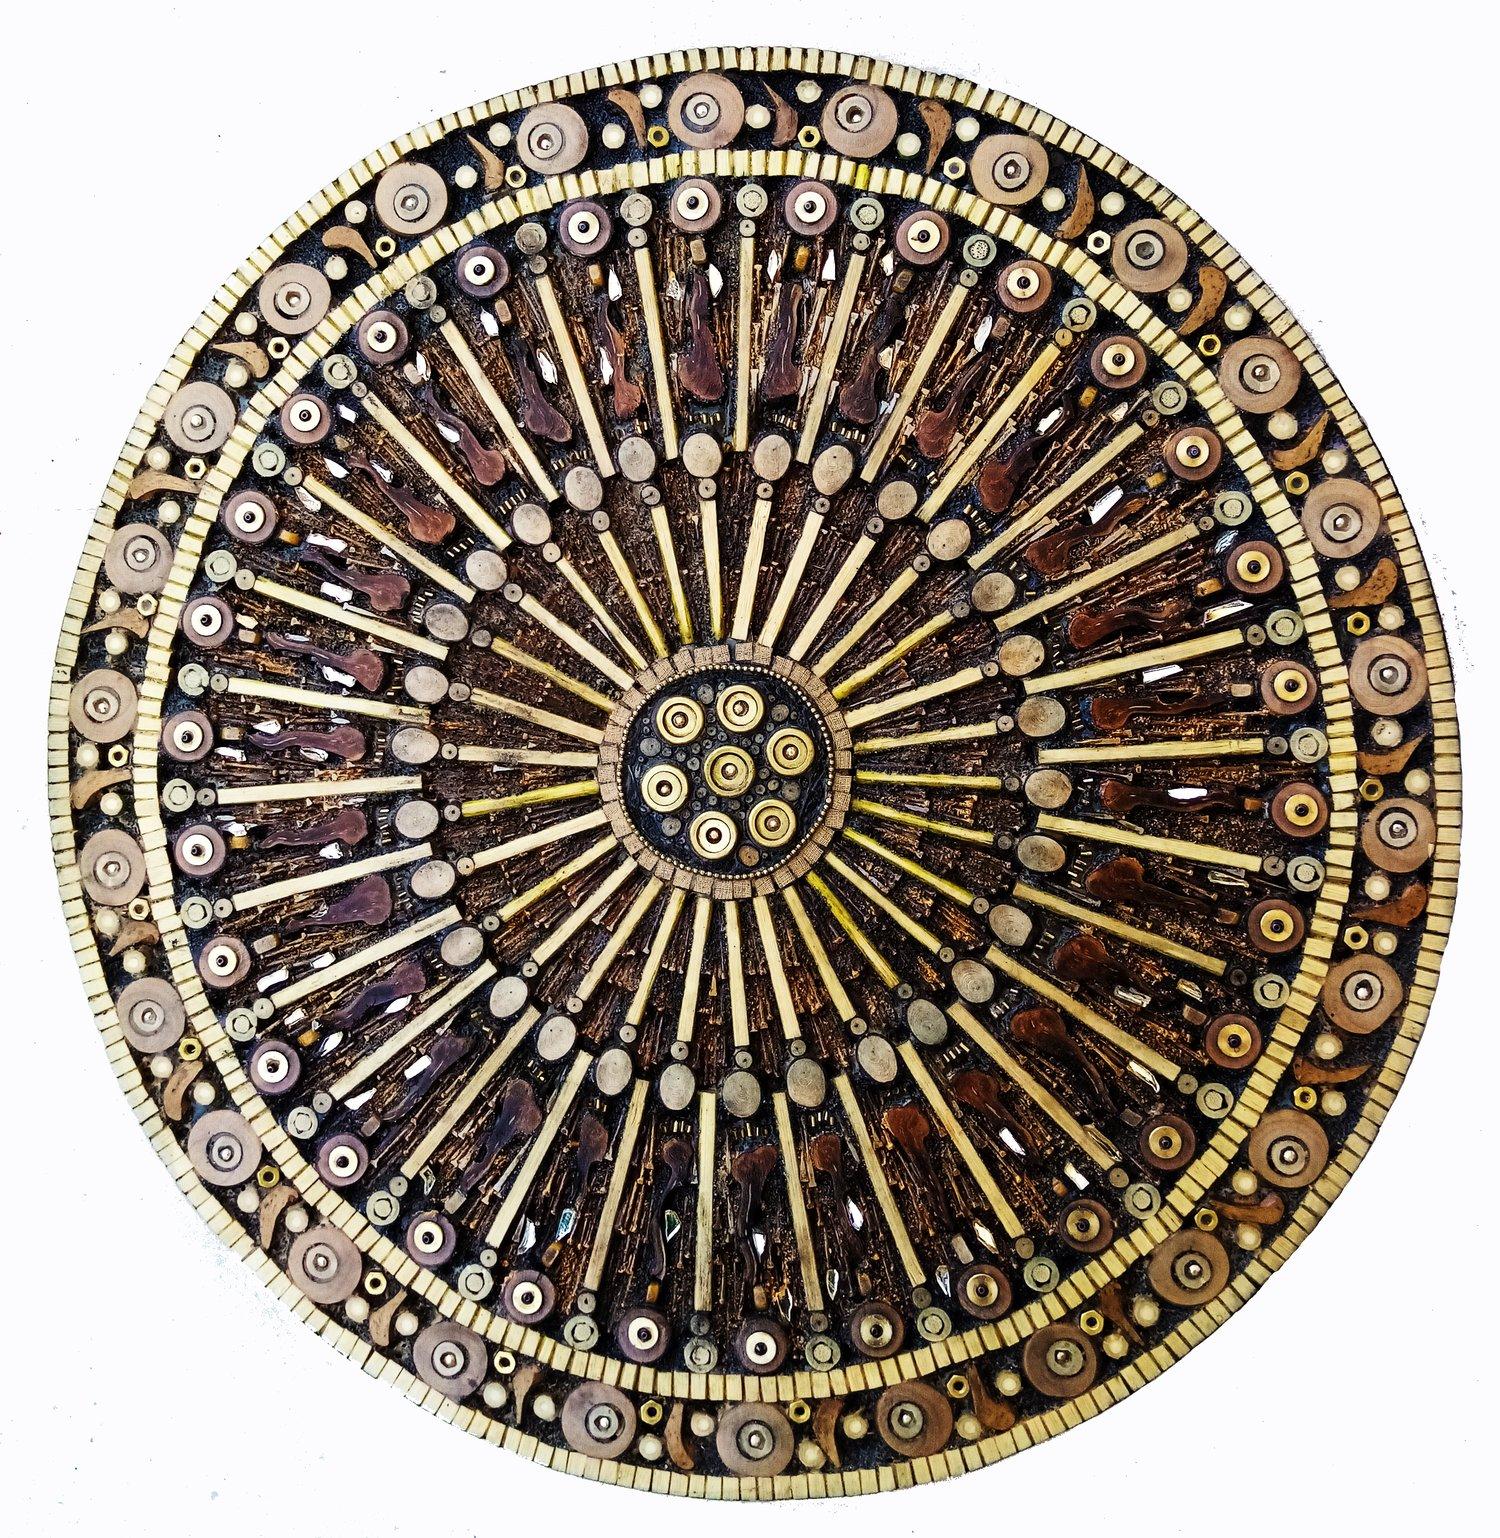 Image of La ruota del tempo /Time wheel